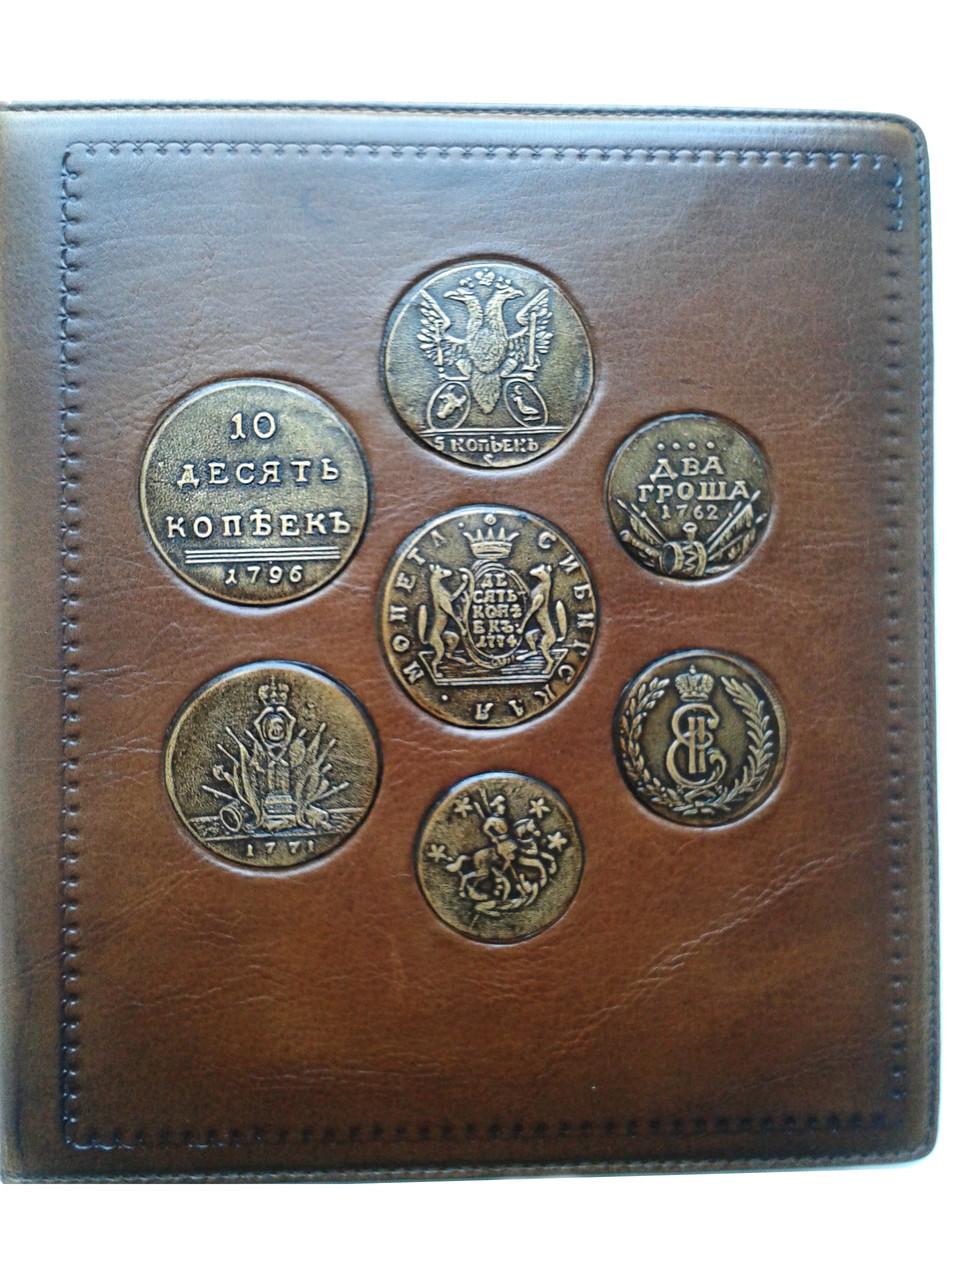 Альбом для монет comc монеты евро мальта